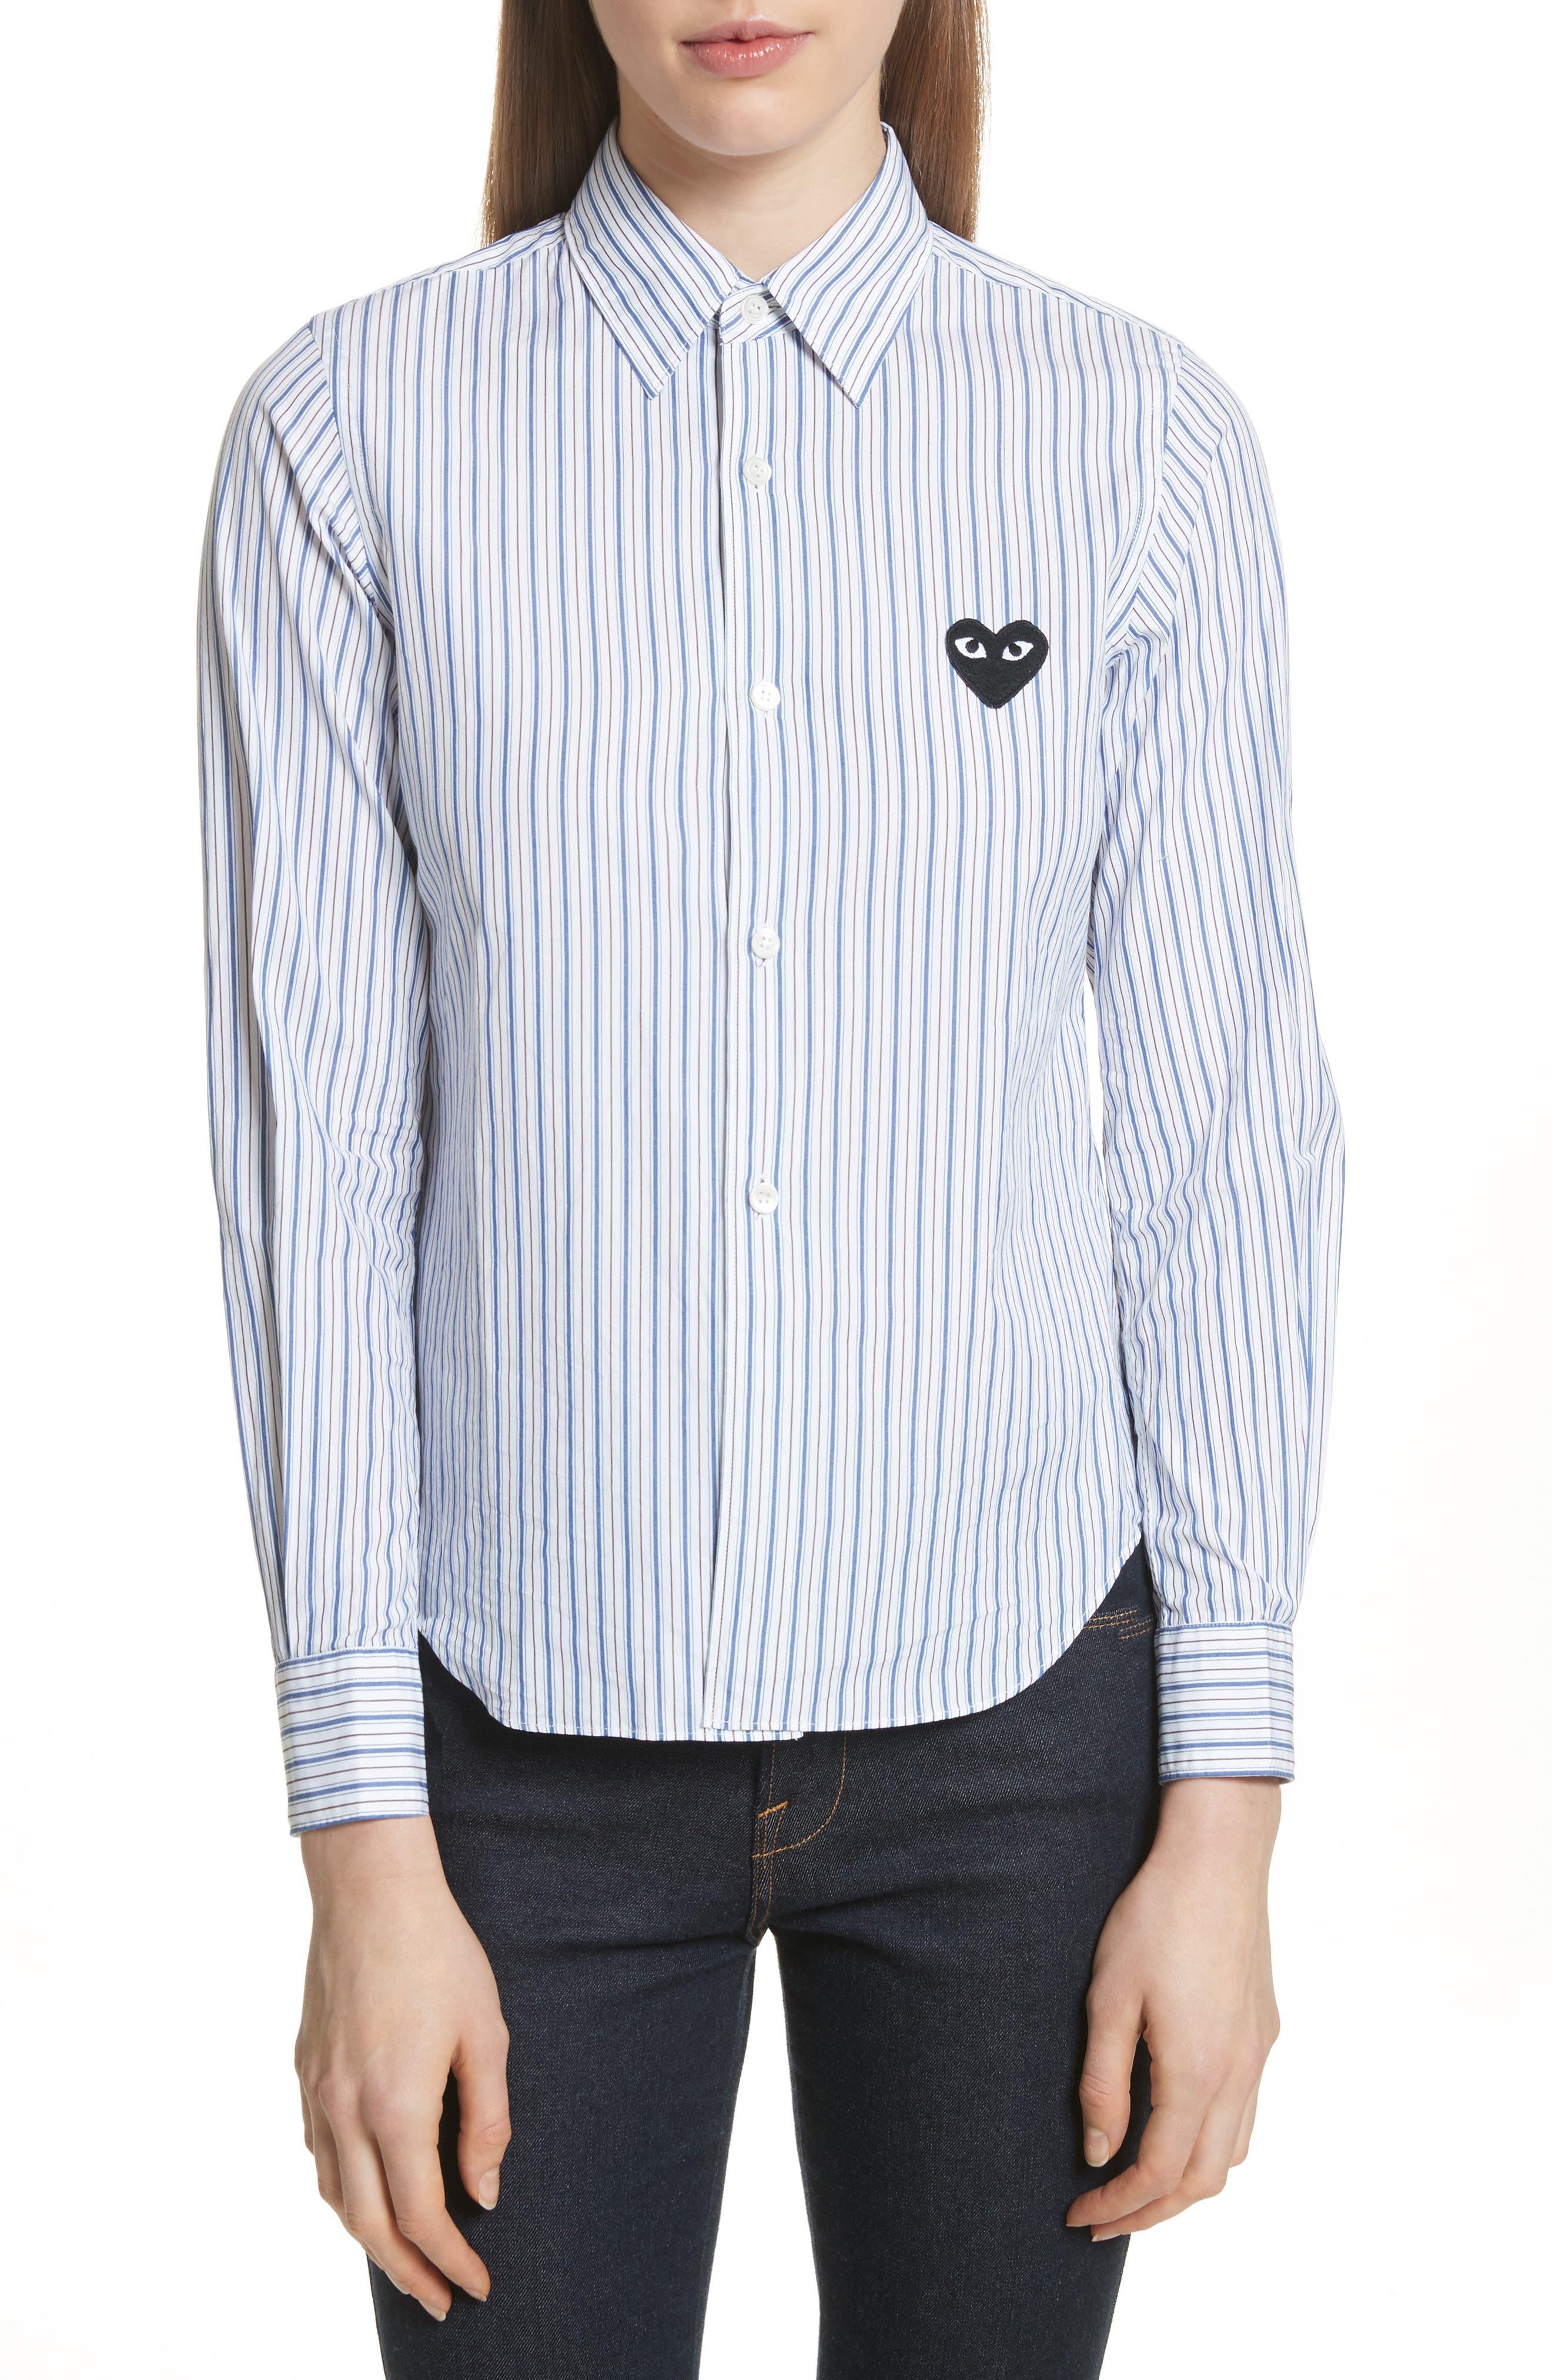 Comme des Garçons PLAY Stripe Shirt,                             Main thumbnail 1, color,                             Blue